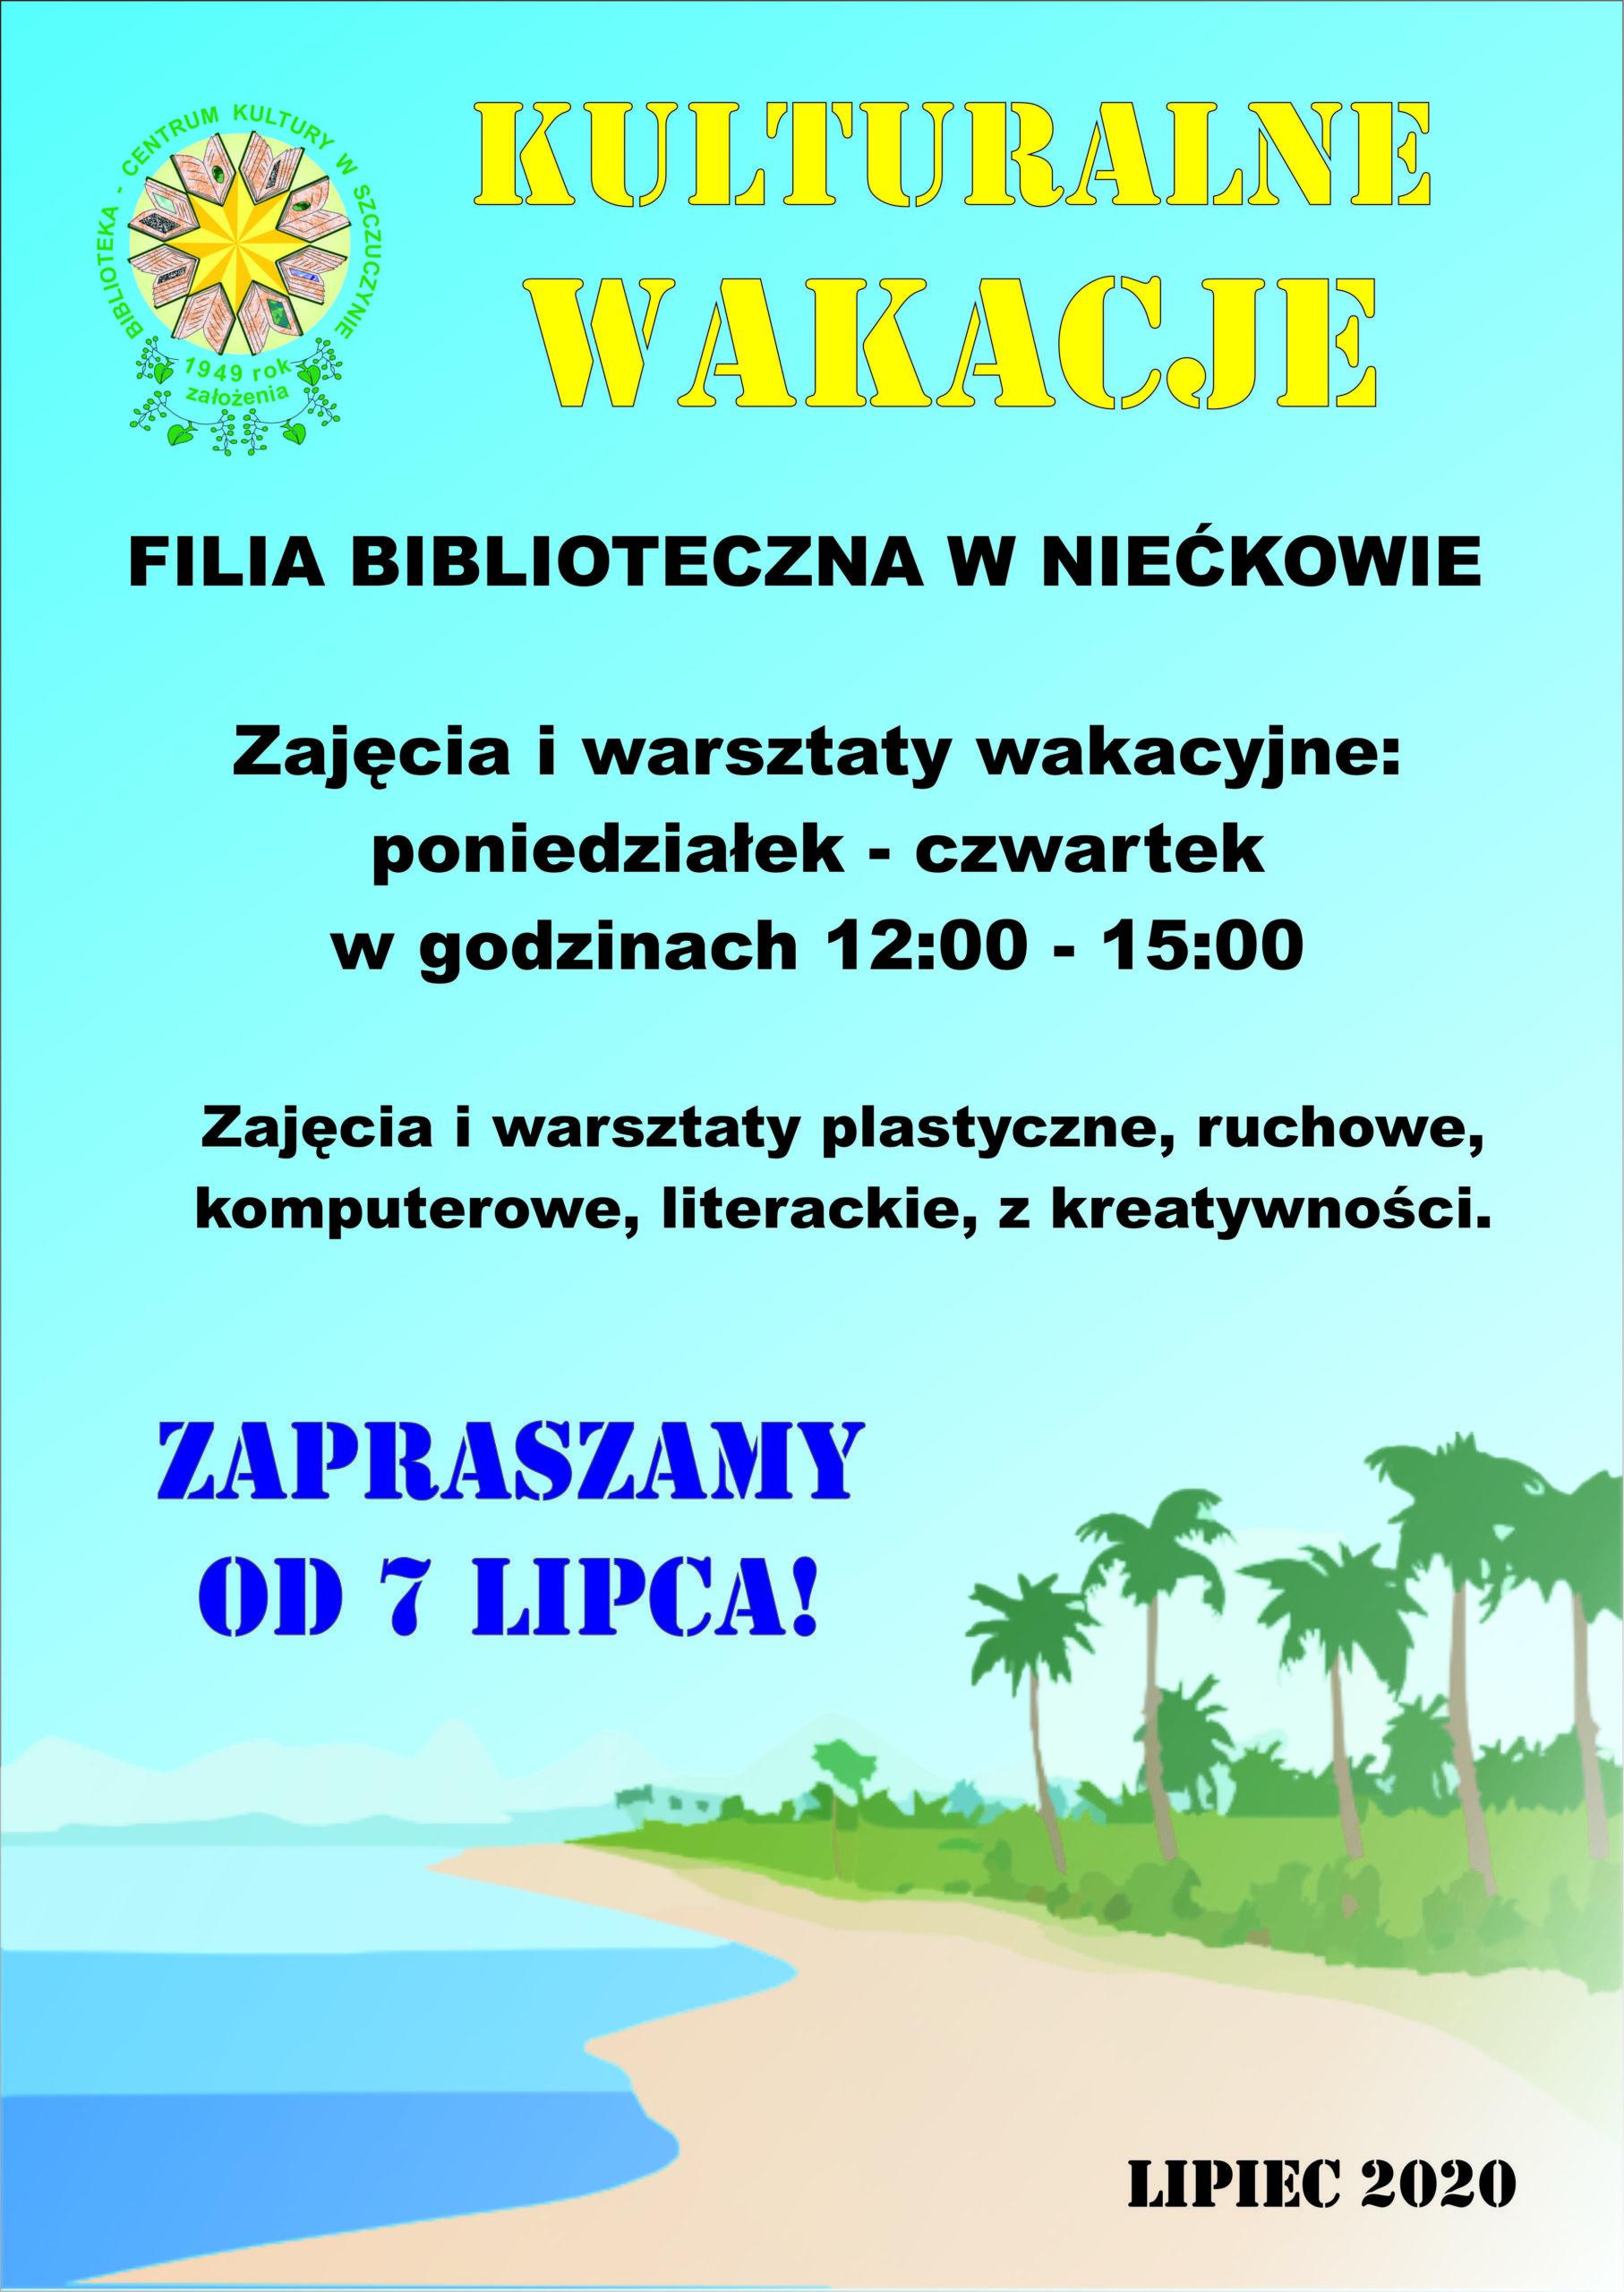 Kulturalne Wakacje z filią biblioteczną w Niećkowie